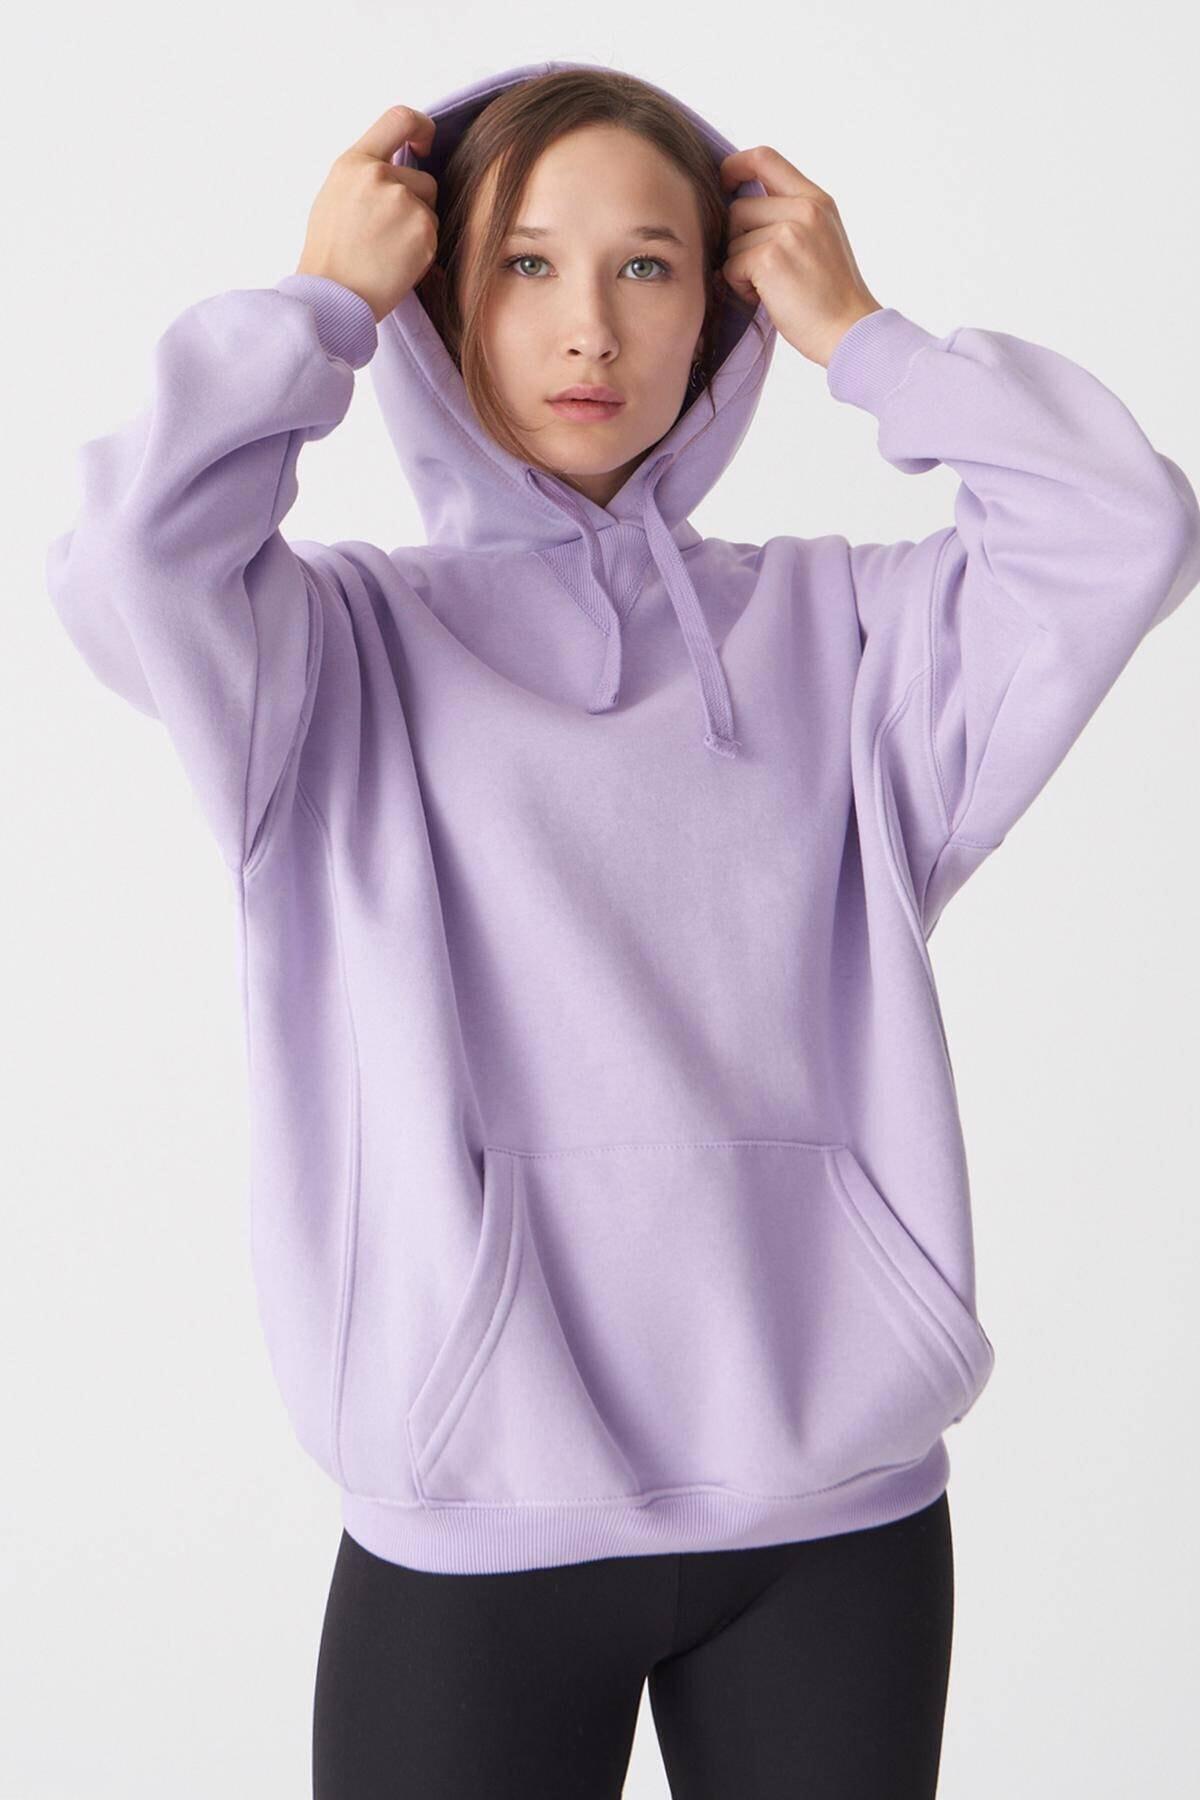 Addax Kadın Lila Kapüşonlu Sweatshirt S0519 - P10 - V2 ADX-0000014040 1